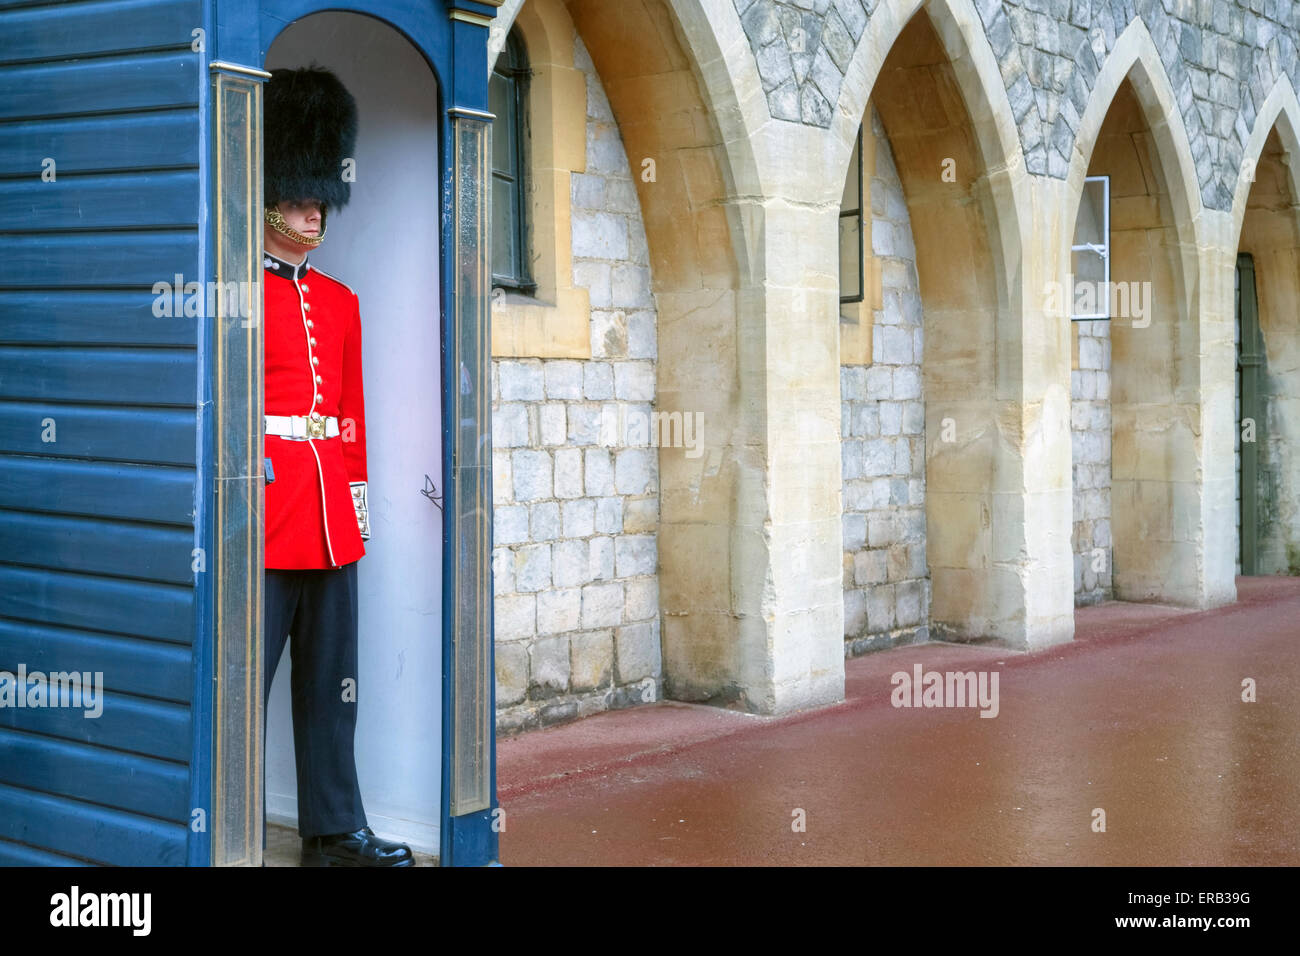 El Castillo de Windsor, Windsor, Berkshire, Inglaterra, Reino Unido. Imagen De Stock